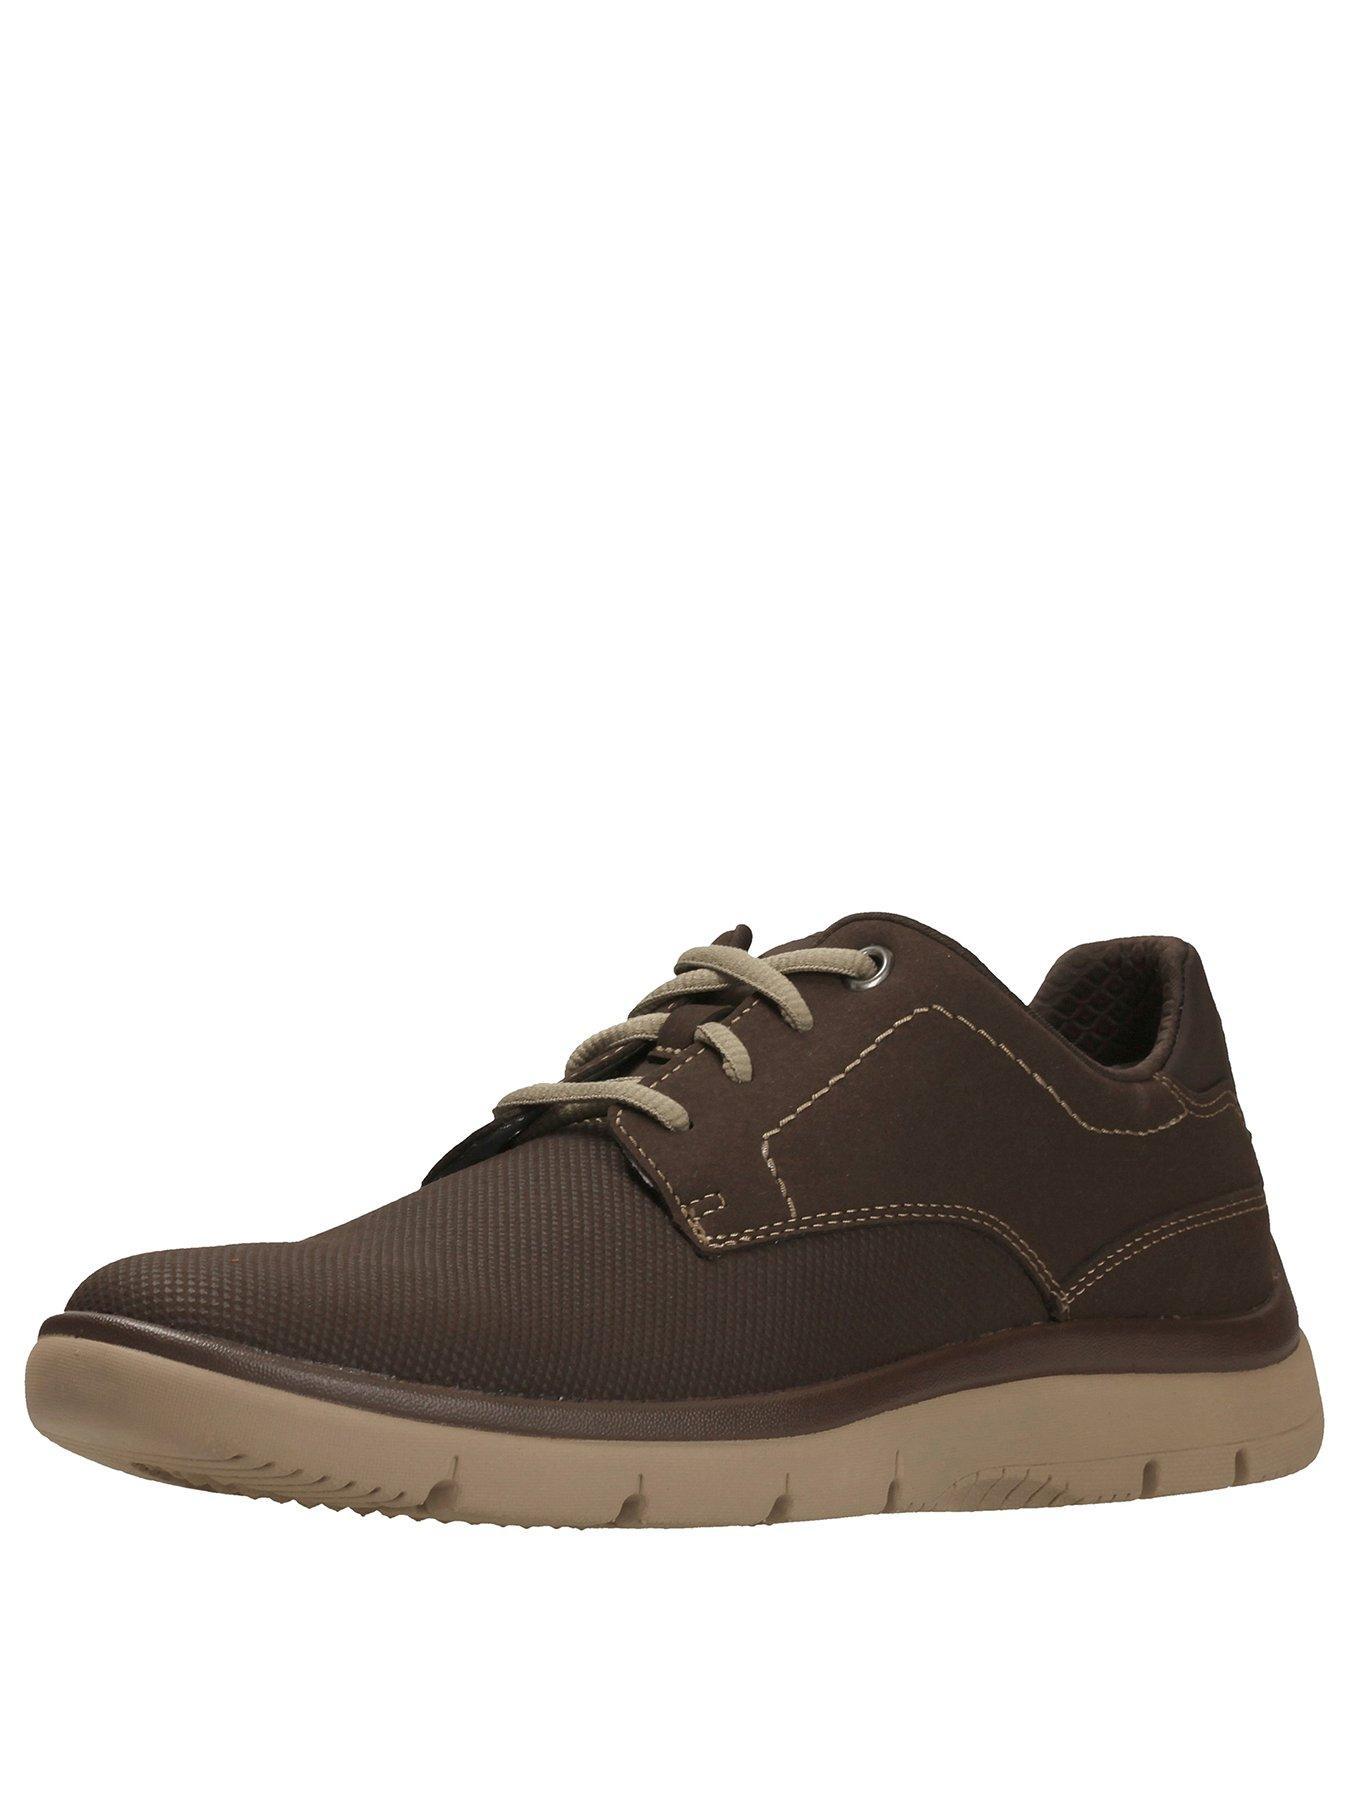 Clarks TUNSIL PLAIN LACE UP SHOE 1600161499 Men's Shoes Clarks Shoes